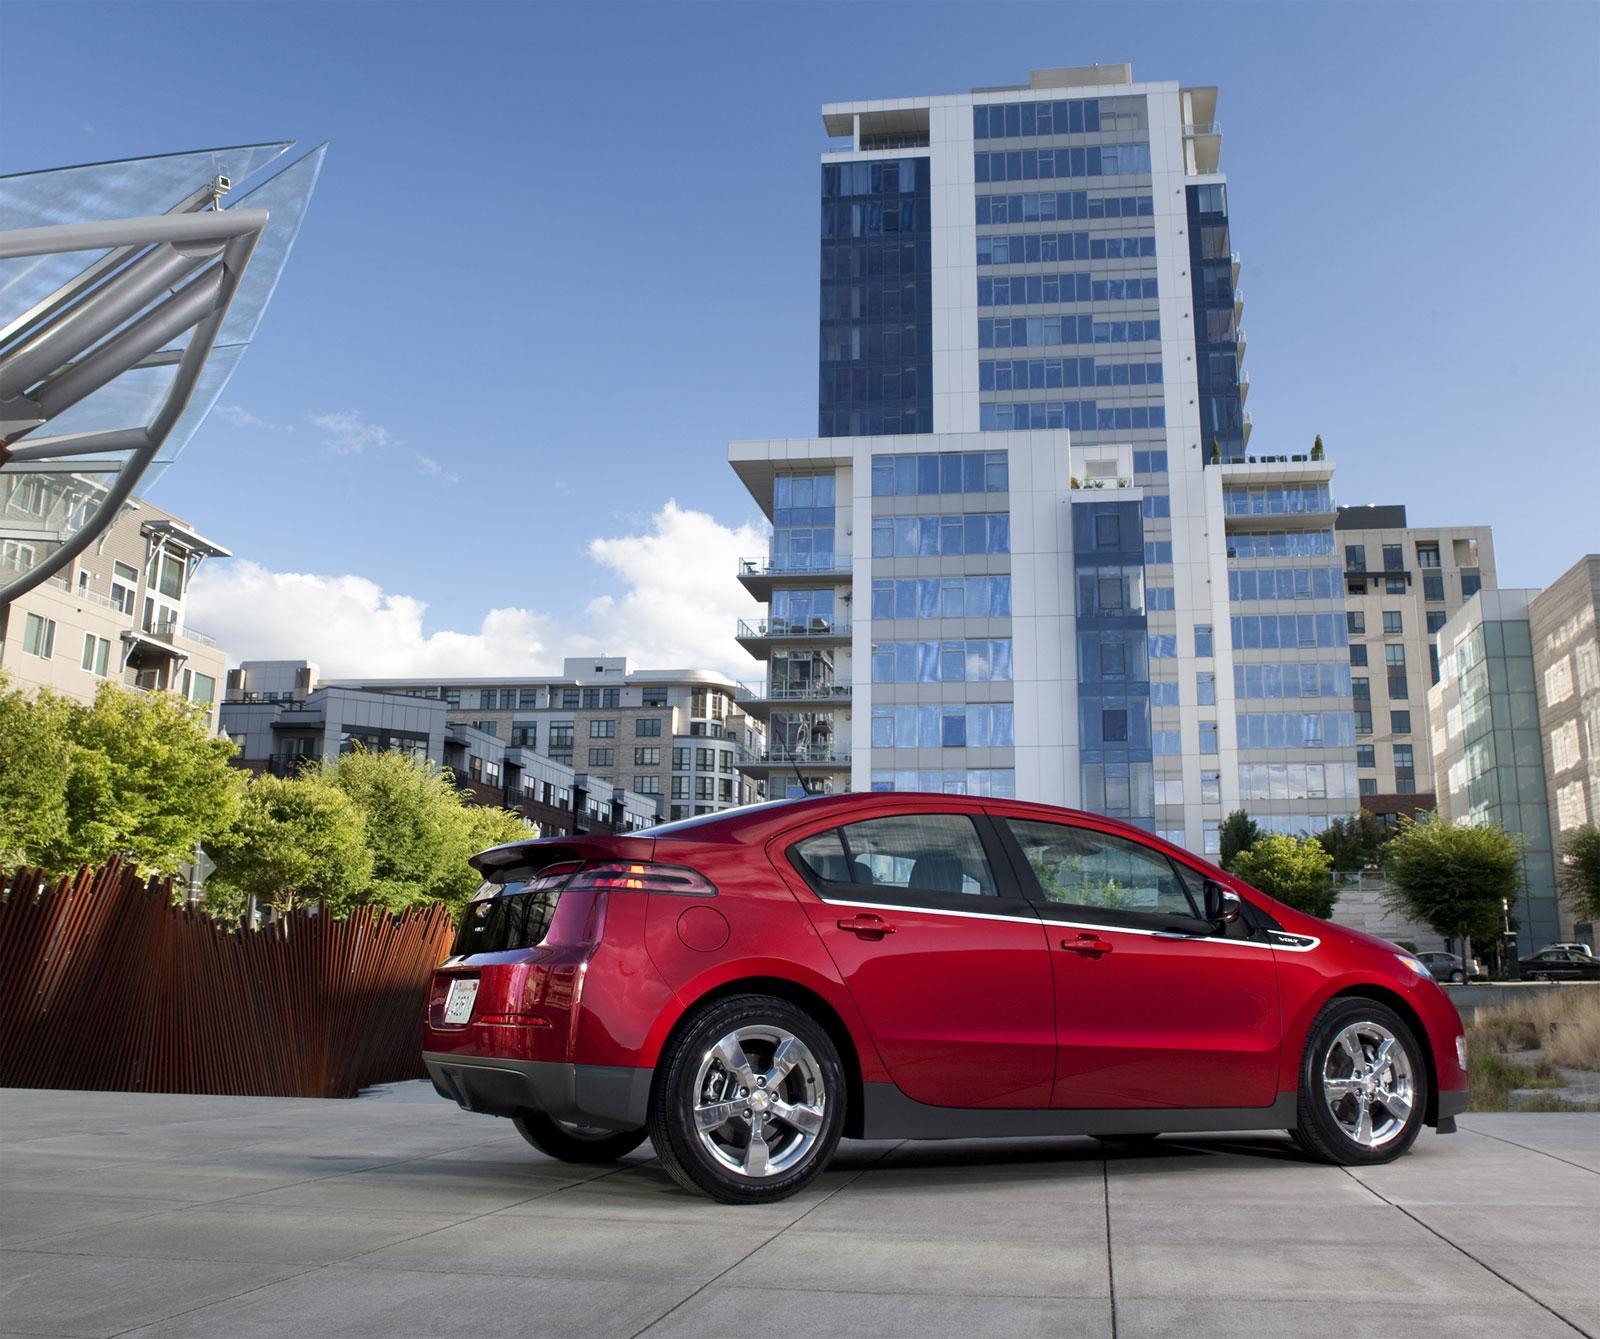 Chevrolet Car Wallpaper: Sport Cars: Chevrolet Volt Hd Wallpapers 2011